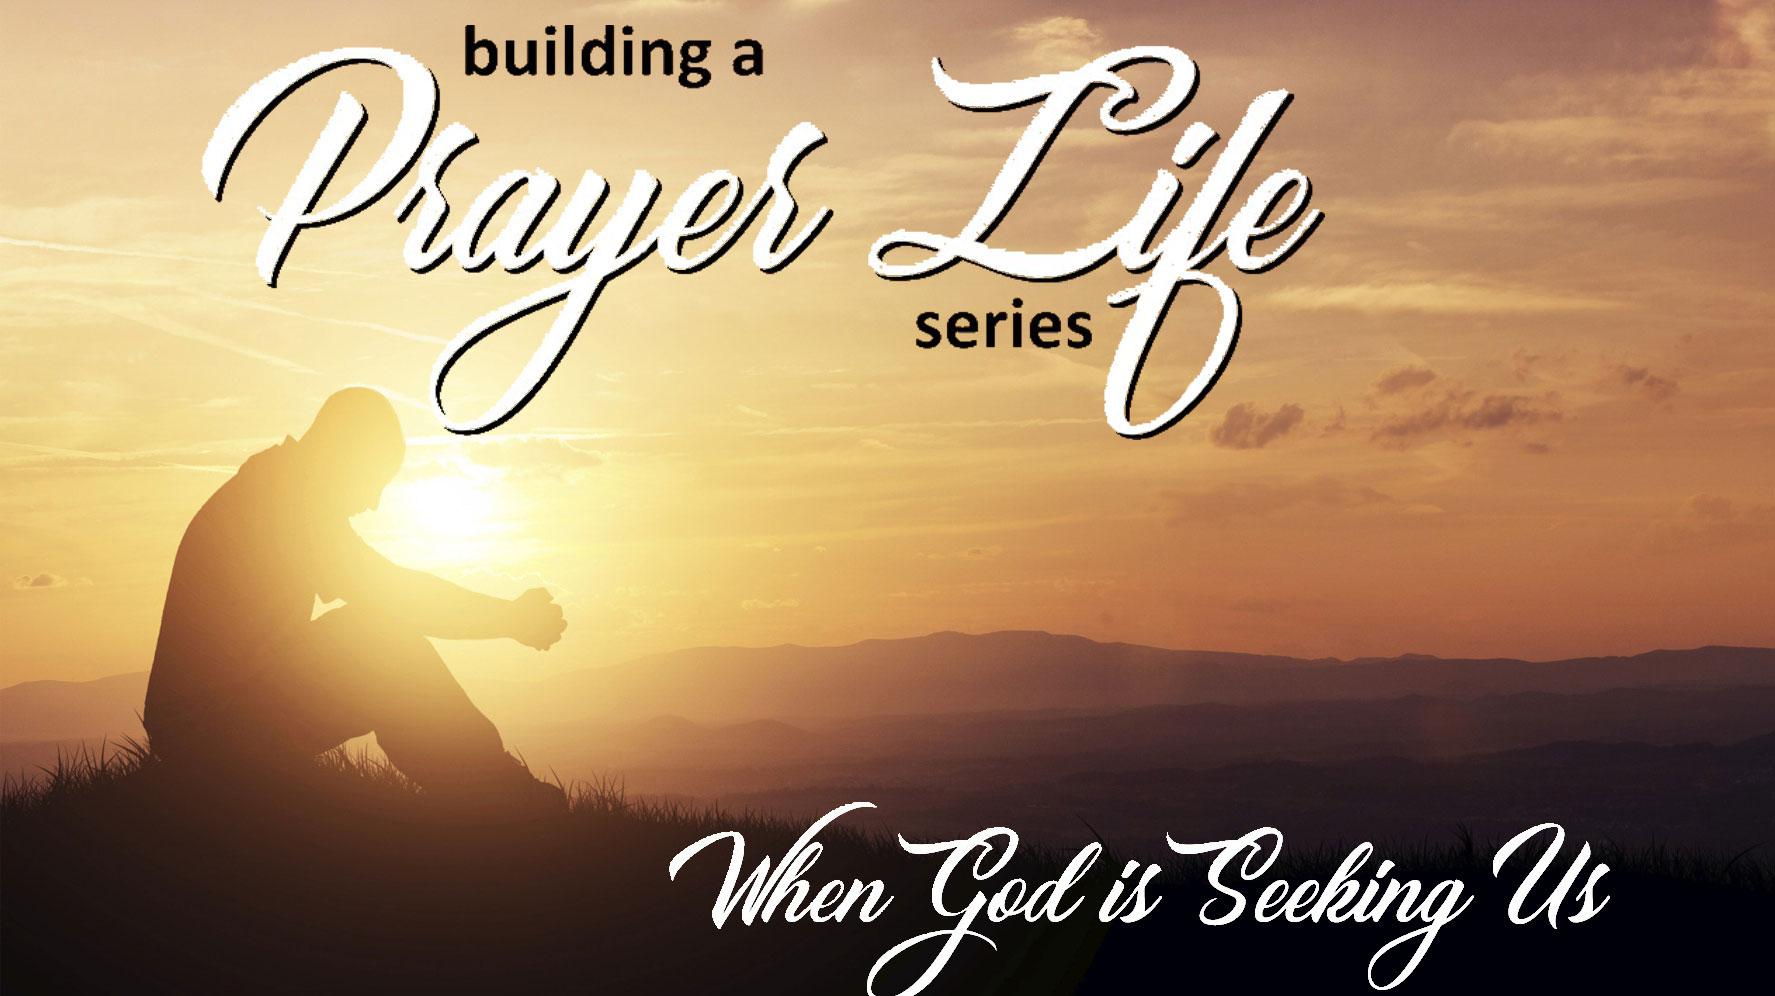 When-God-is-Seeking-Us.jpg